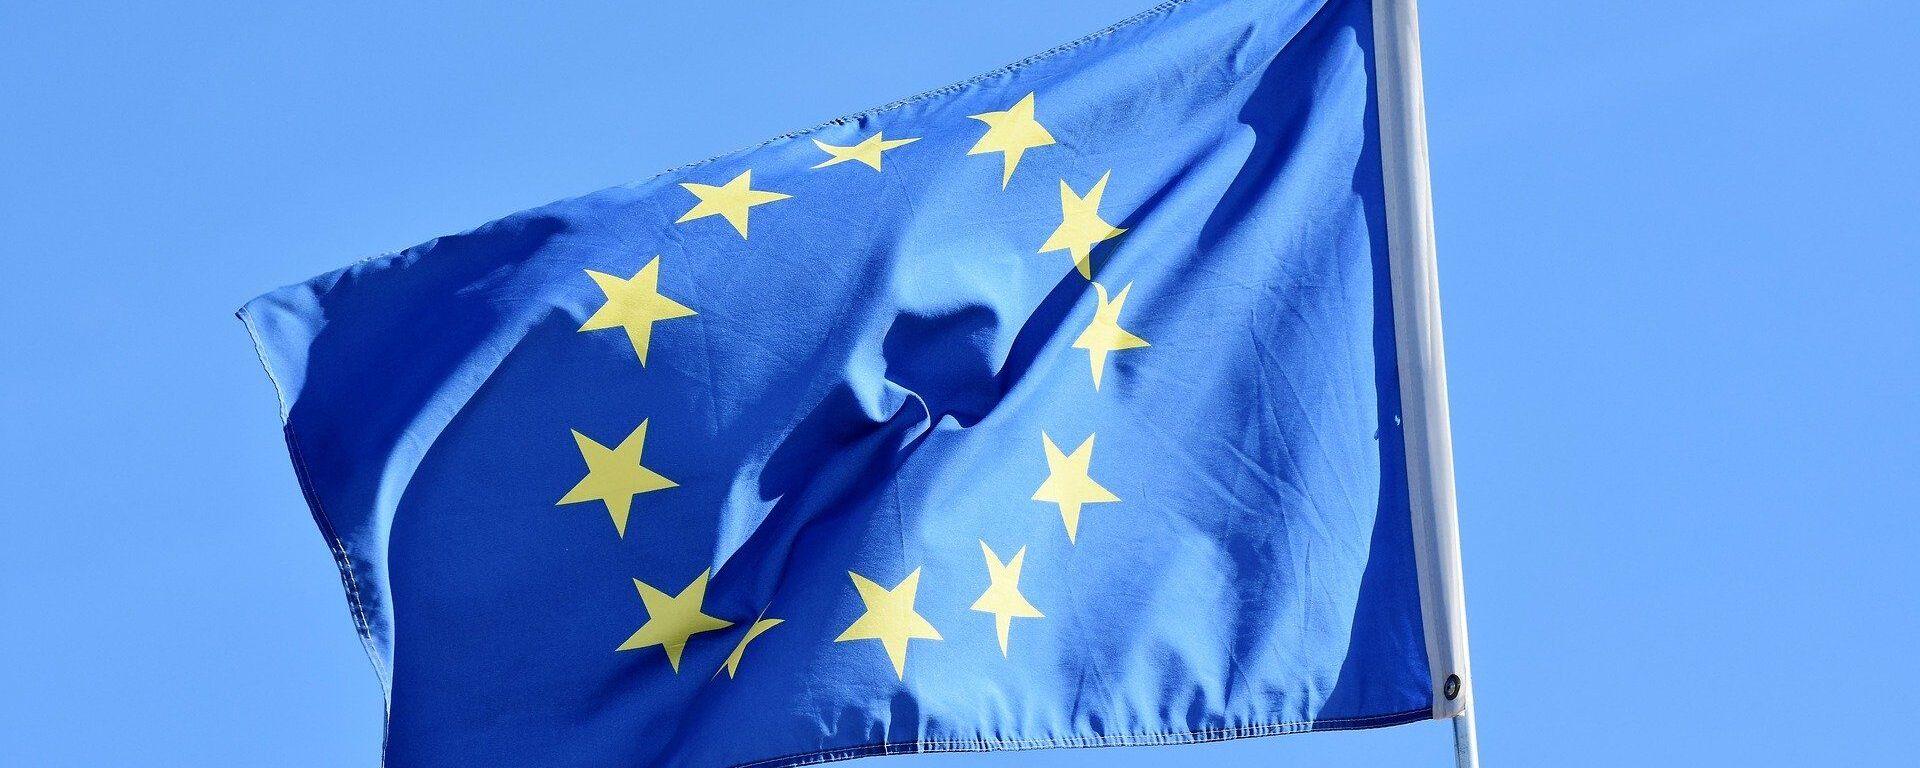 La bandera de la UE (imagen referencial) - Sputnik Mundo, 1920, 26.04.2021